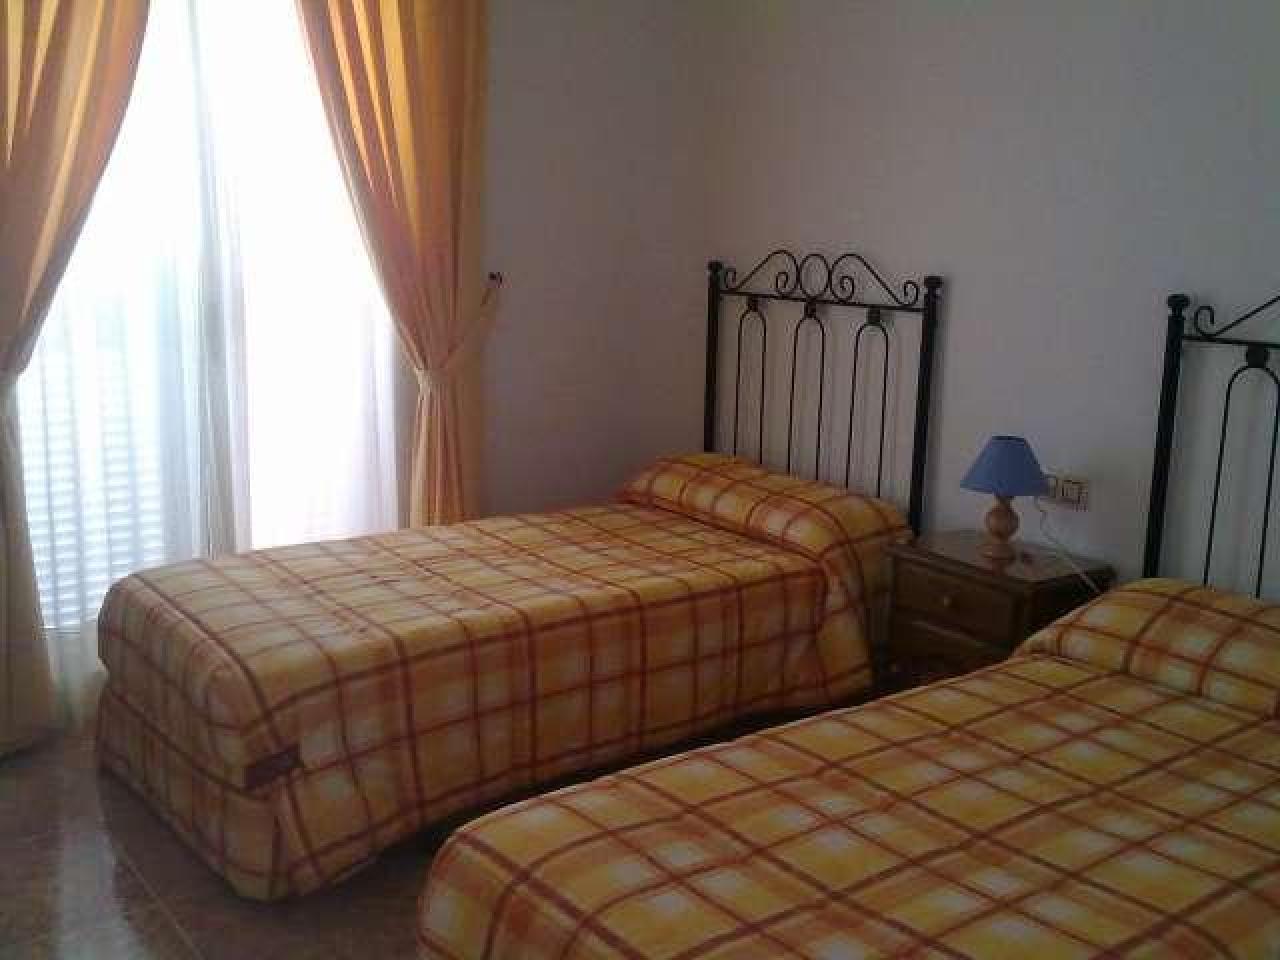 Apartamento para vacaciones Playas de Vera, Almería